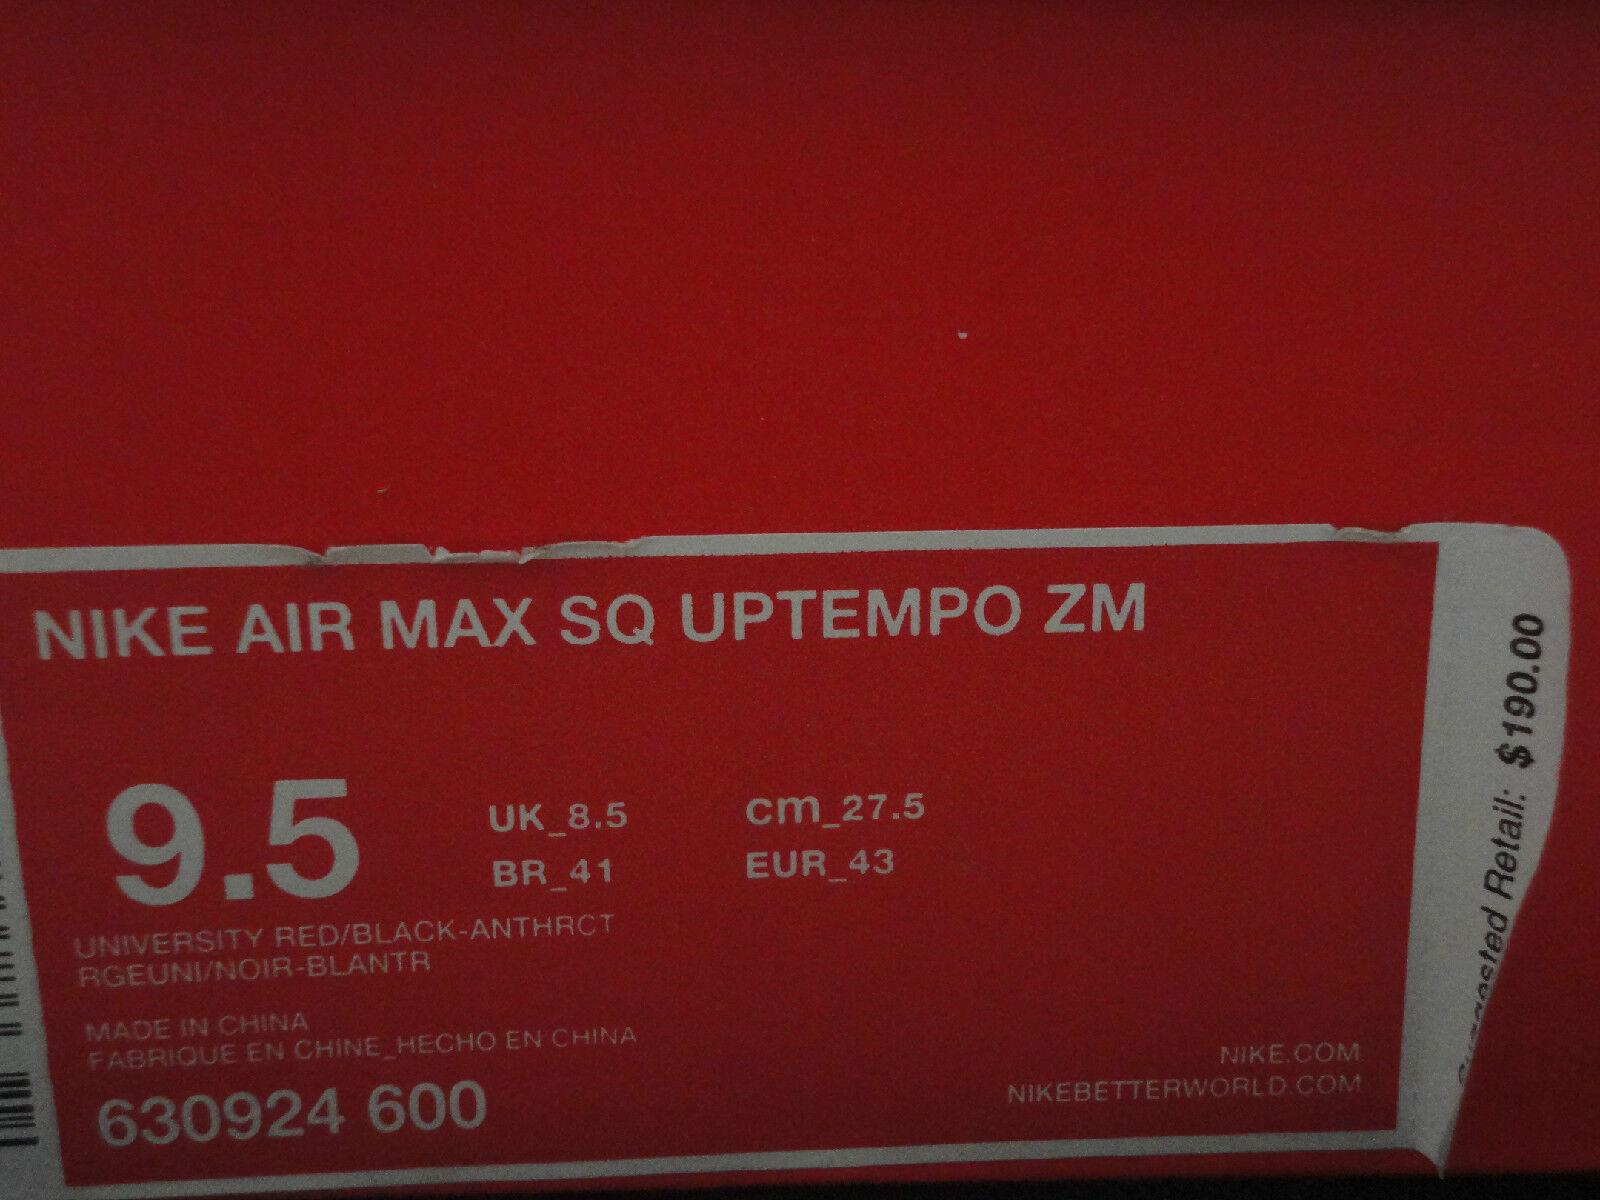 nike air max und uptempo zm, uptempo - 2, der 9,5 luft, den 190, größe 9,5 der 17edcb